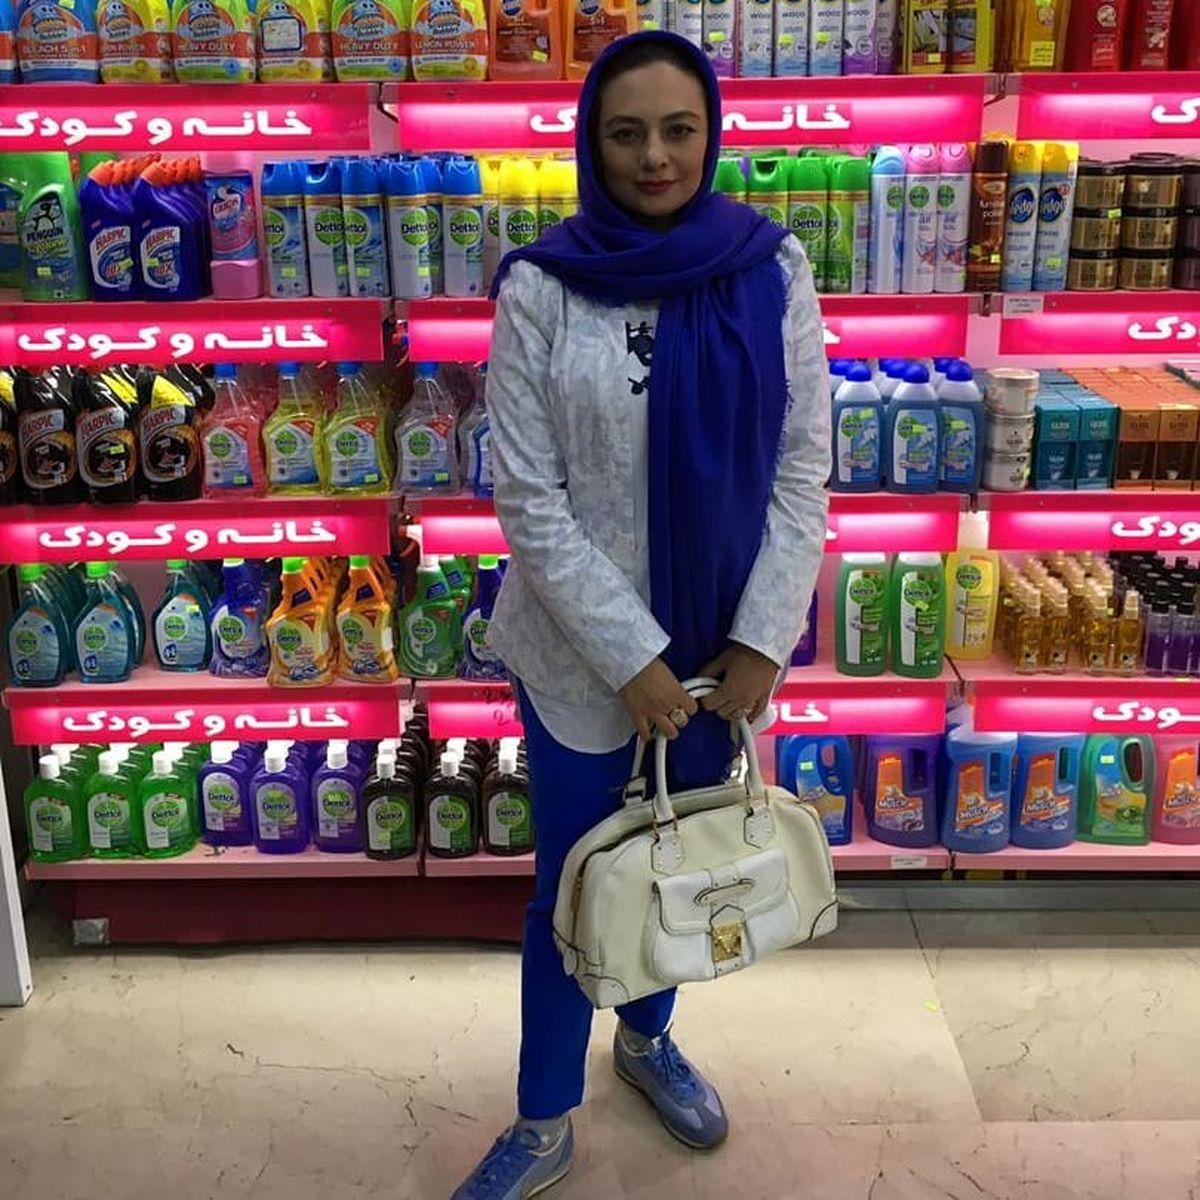 تیپ و چهره عجیب و غریب یکتا ناصر در فروشگاه +عکس